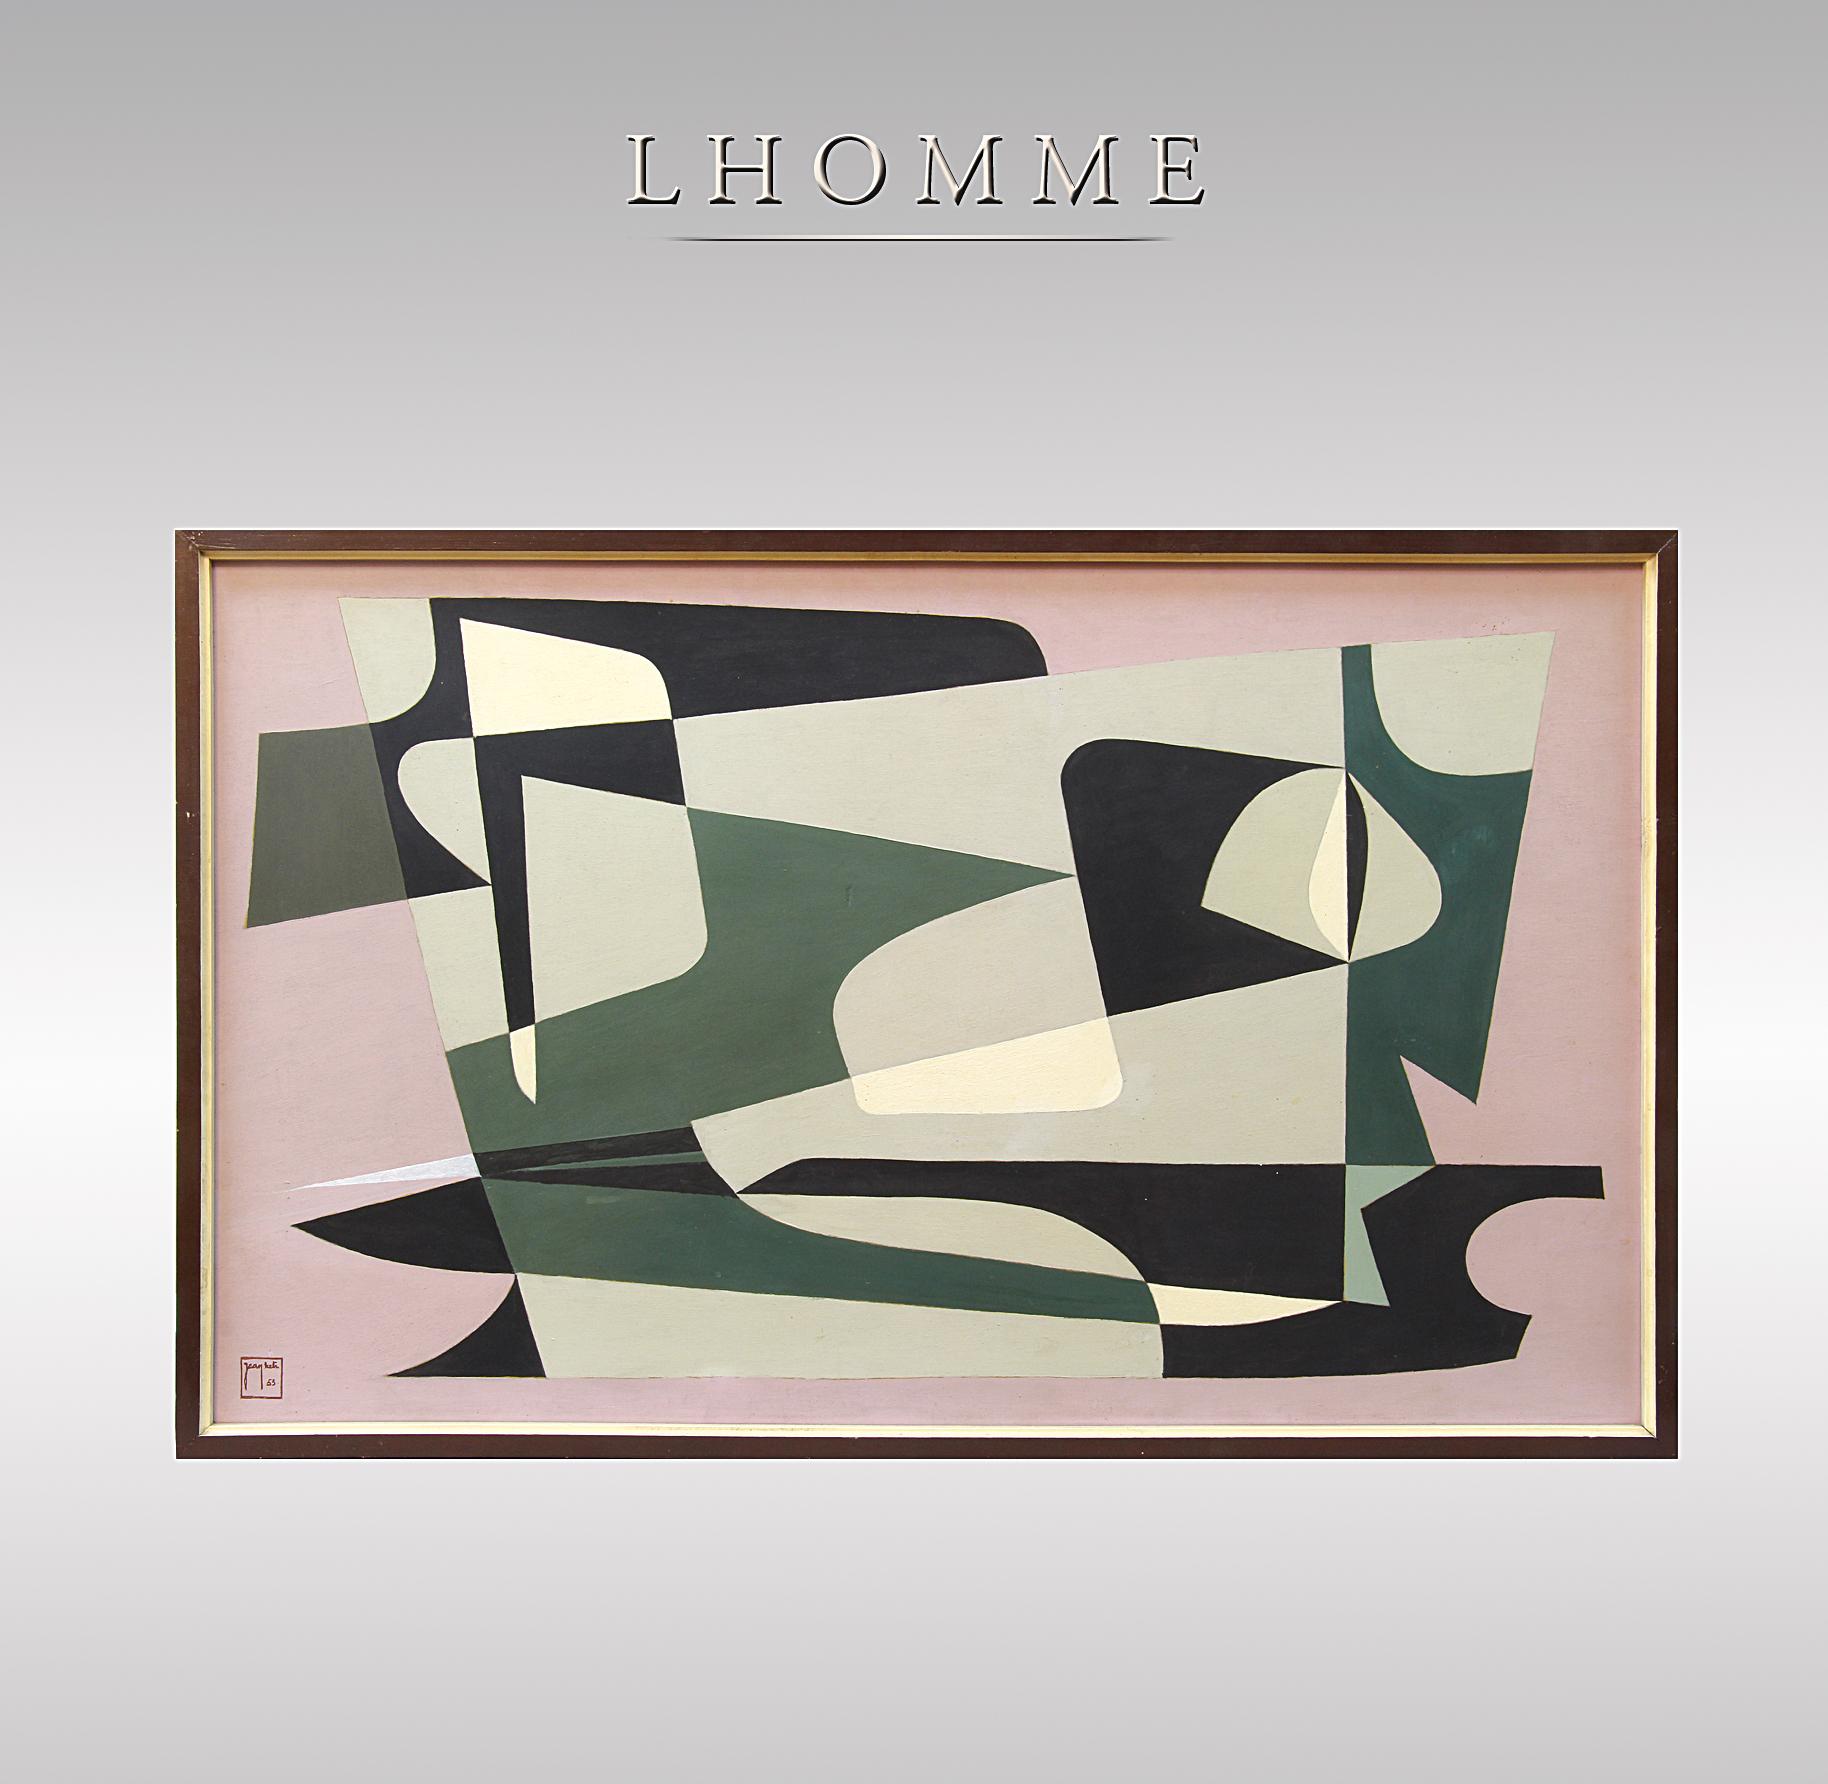 Vente Livres Anciens et Modernes, Beaux-Arts, Militaria, Curiosités… chez LHOMME : 514 lots